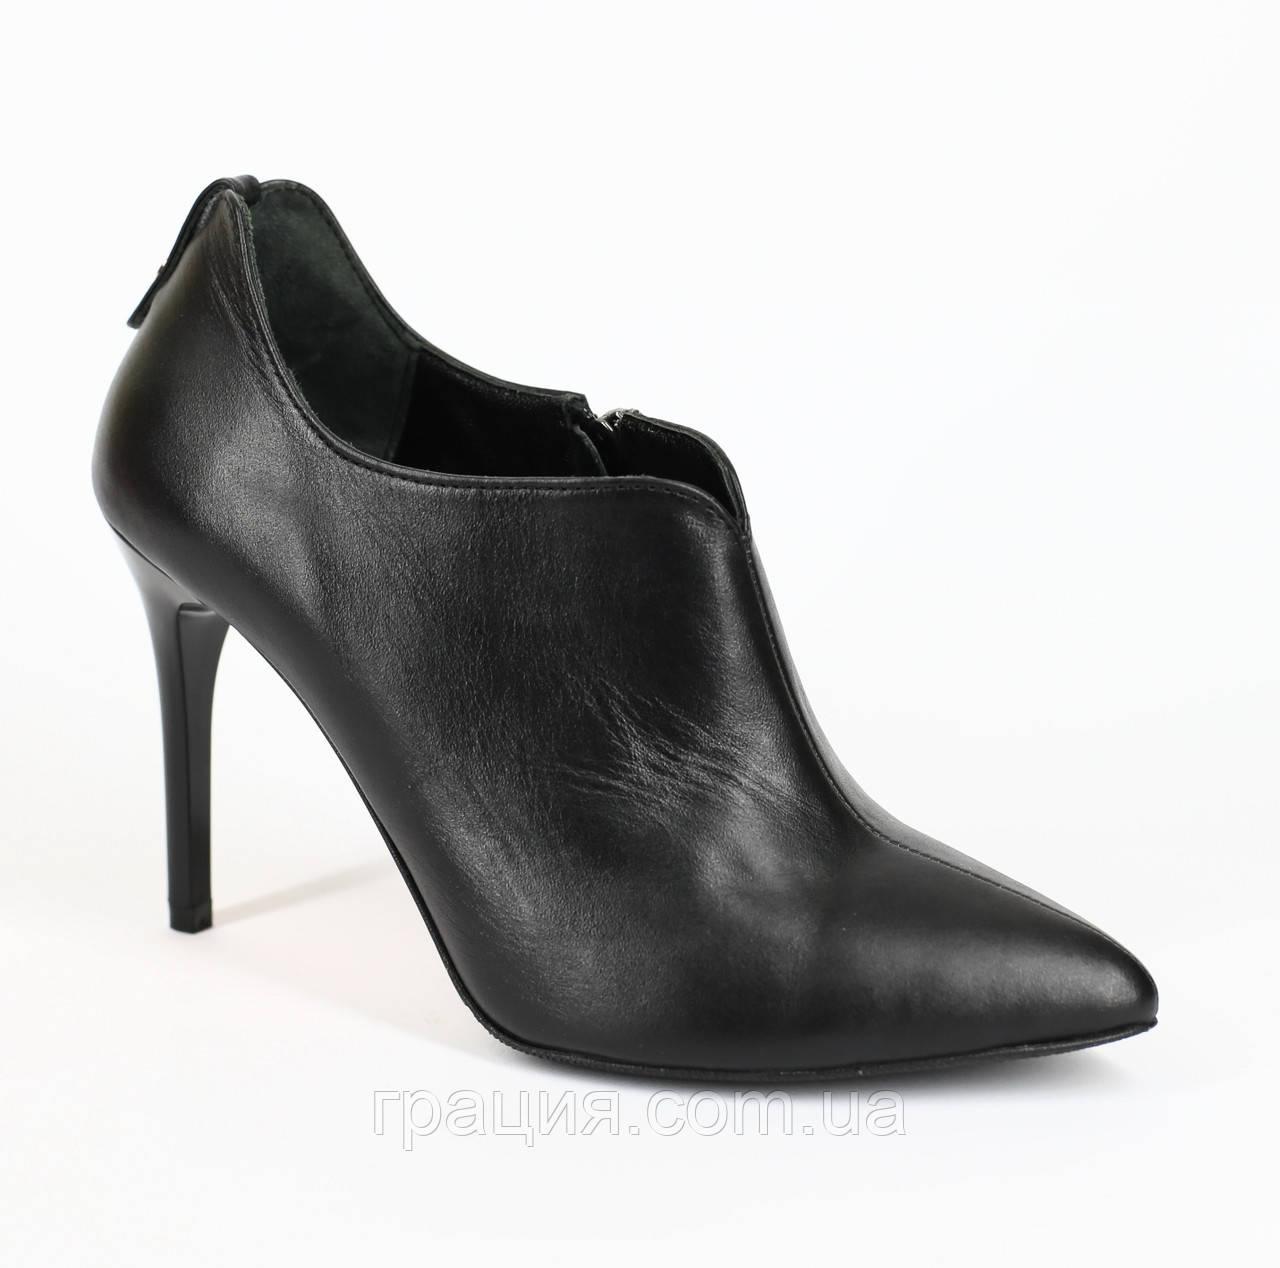 Туфли кожаные женские закрытые на шпильке